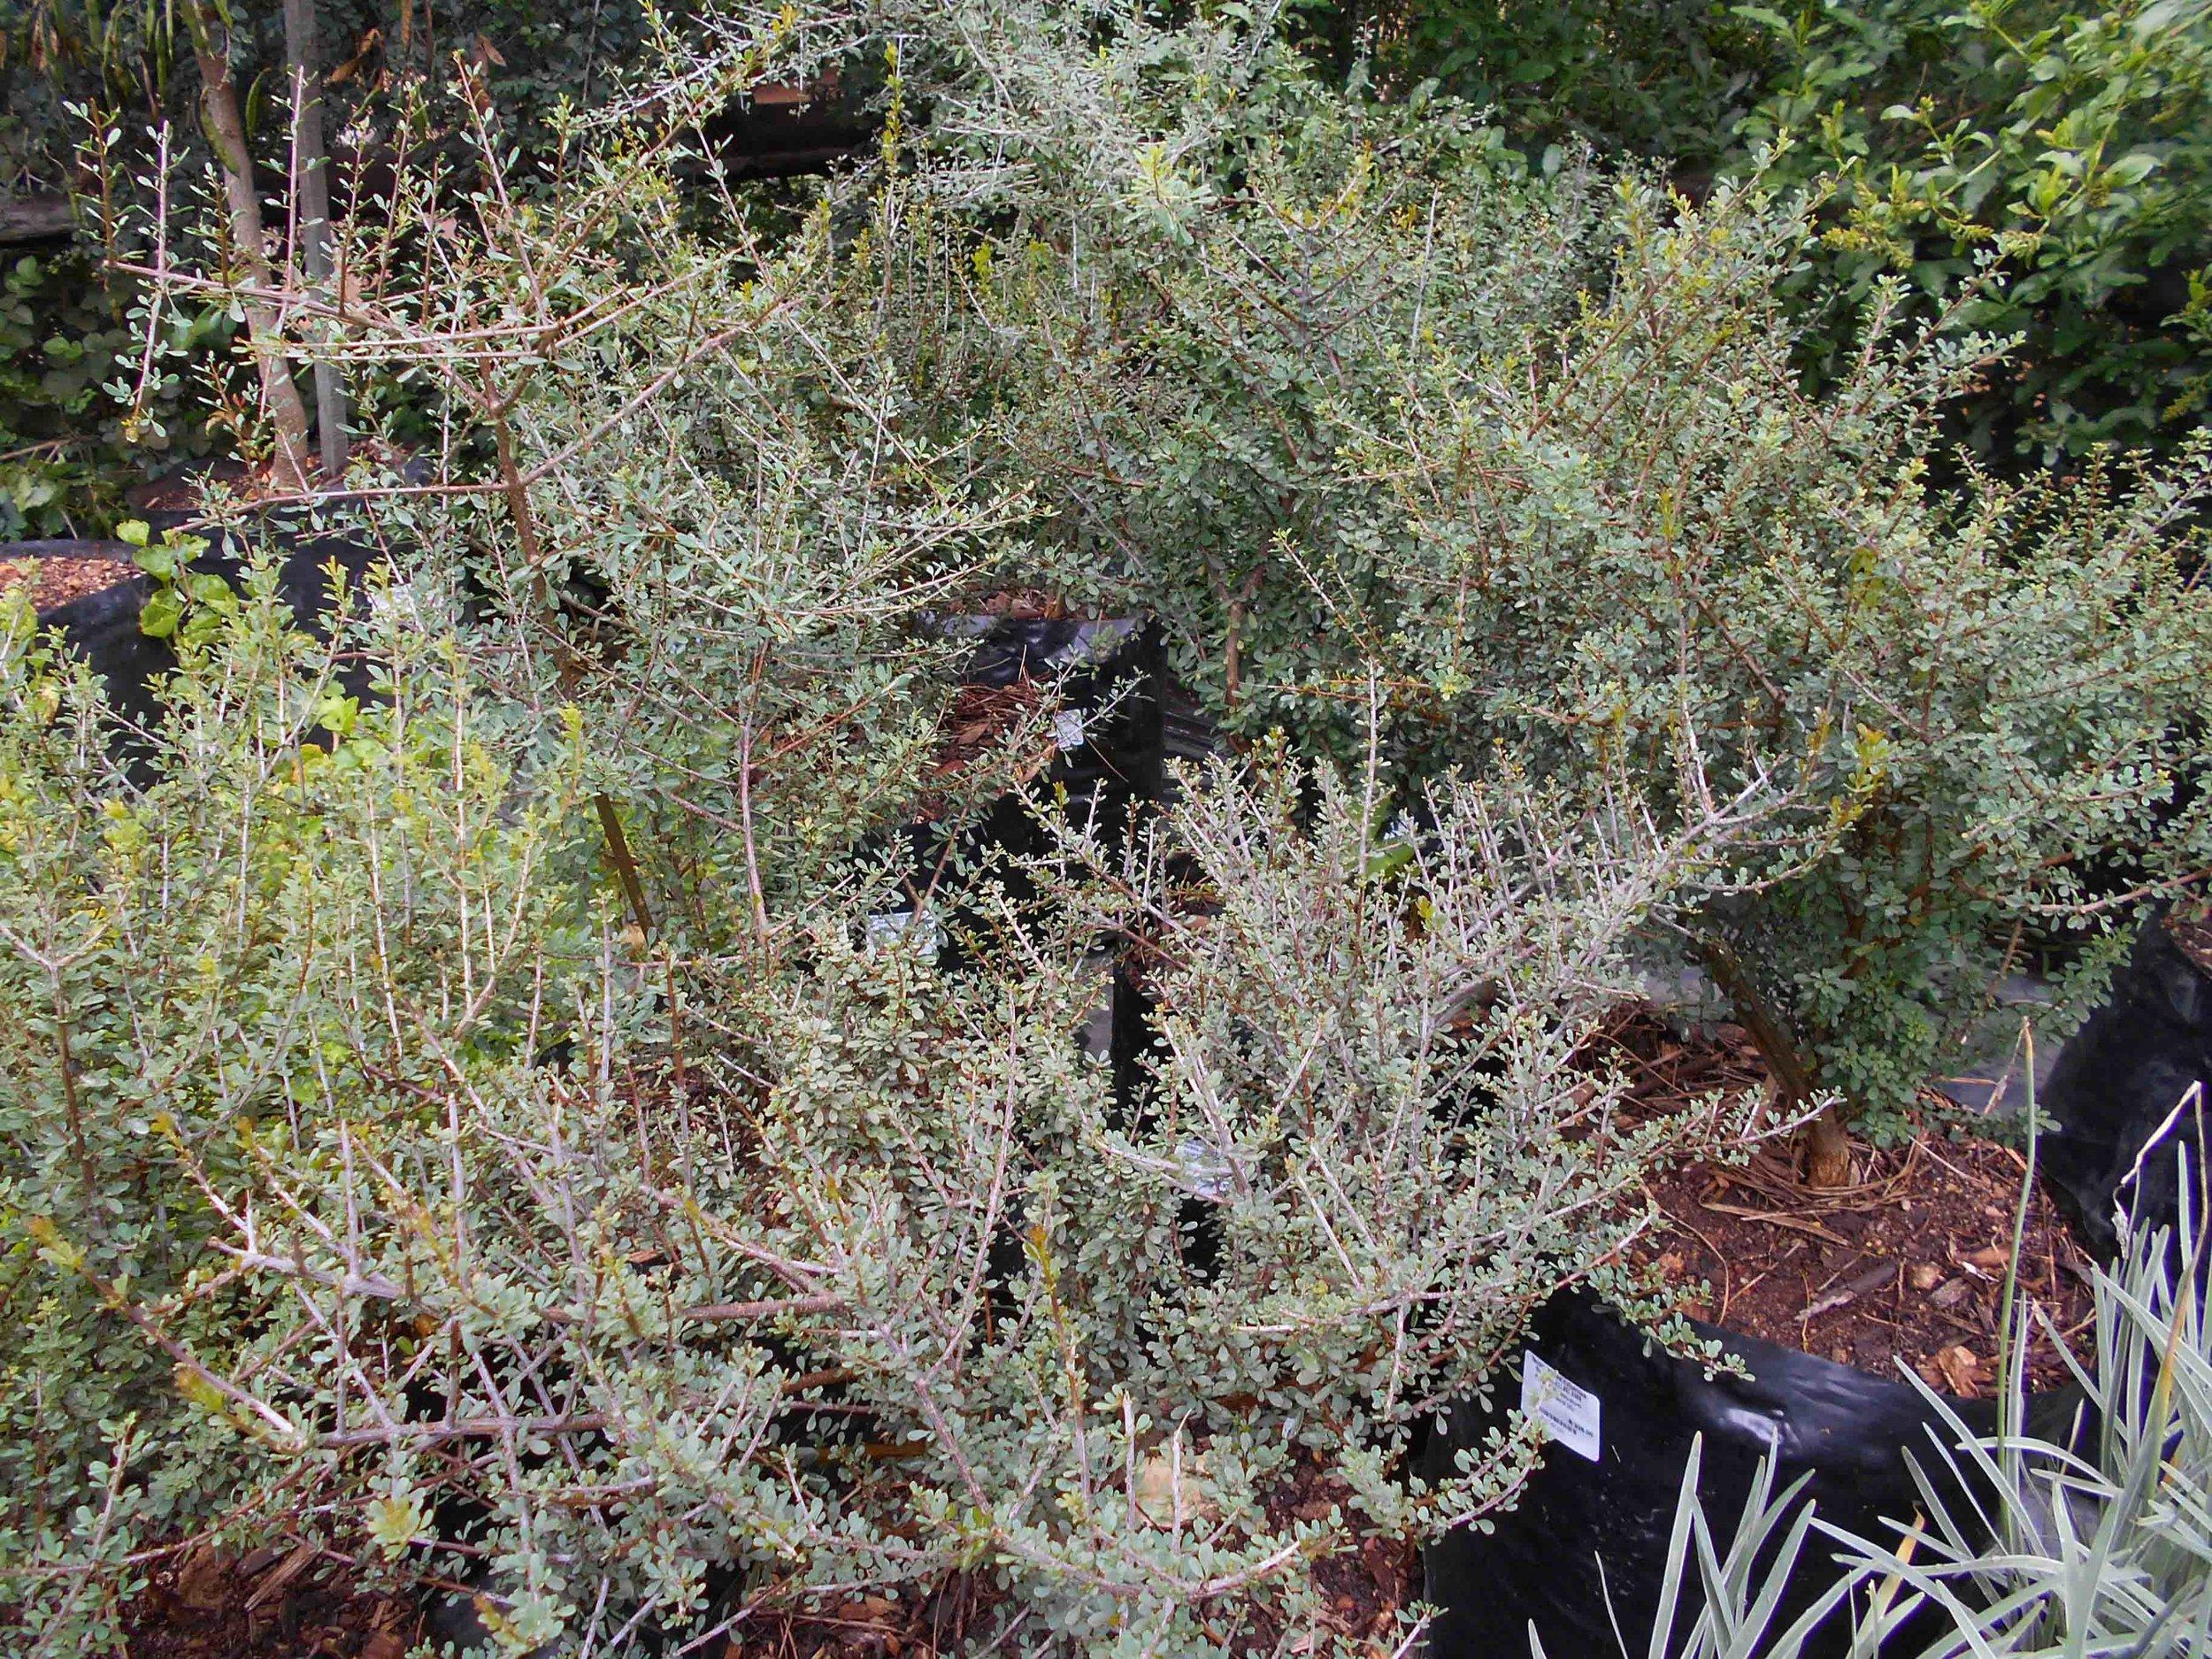 Rhigozum obovatum - tiny grey leaves